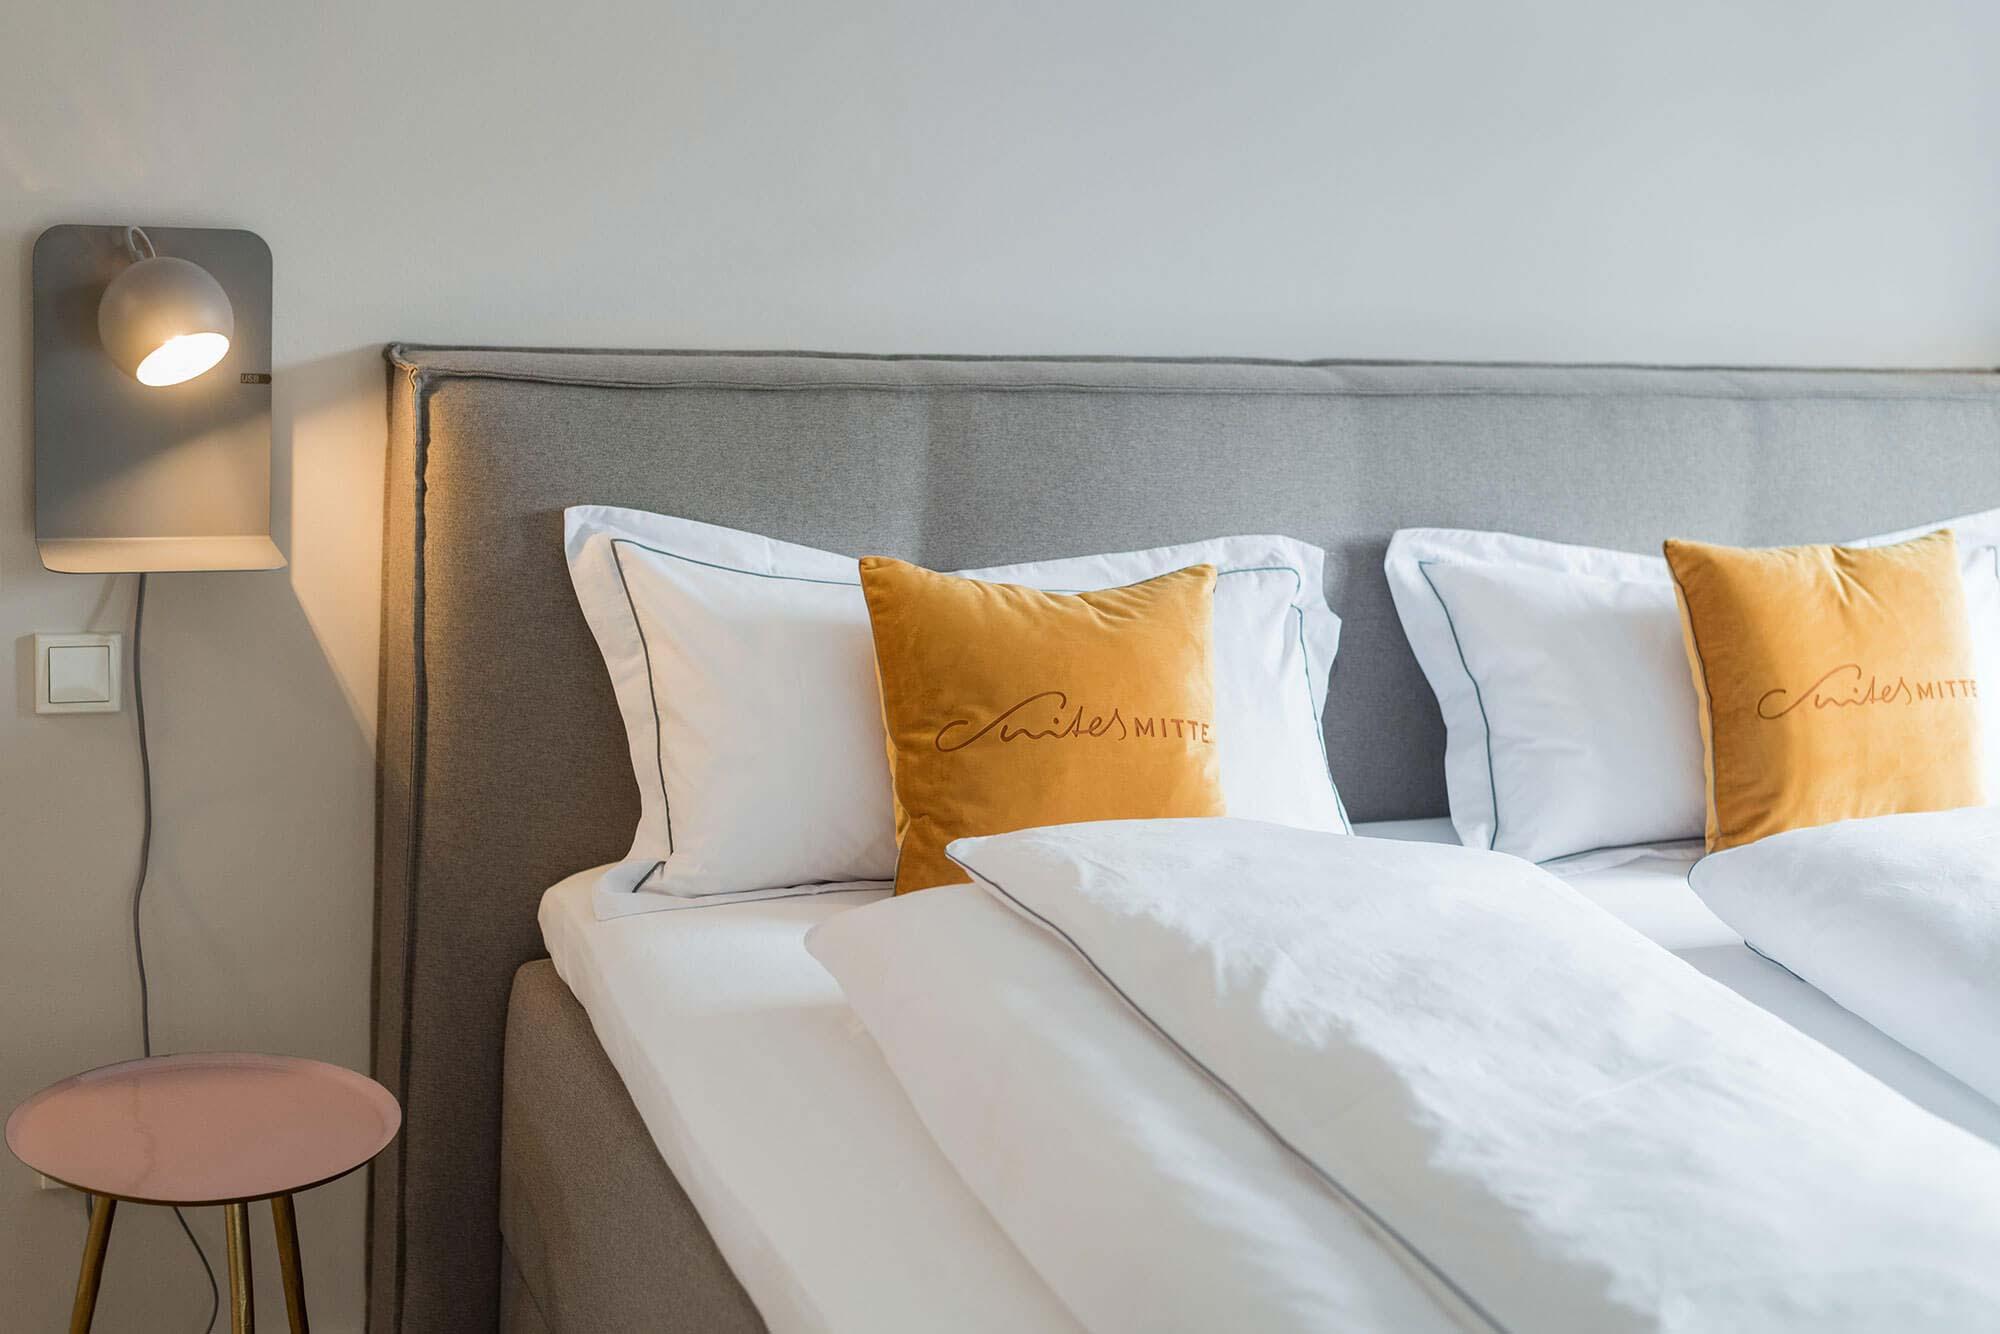 Ferienwohnung Eisenach - Suites Mitte - Bett